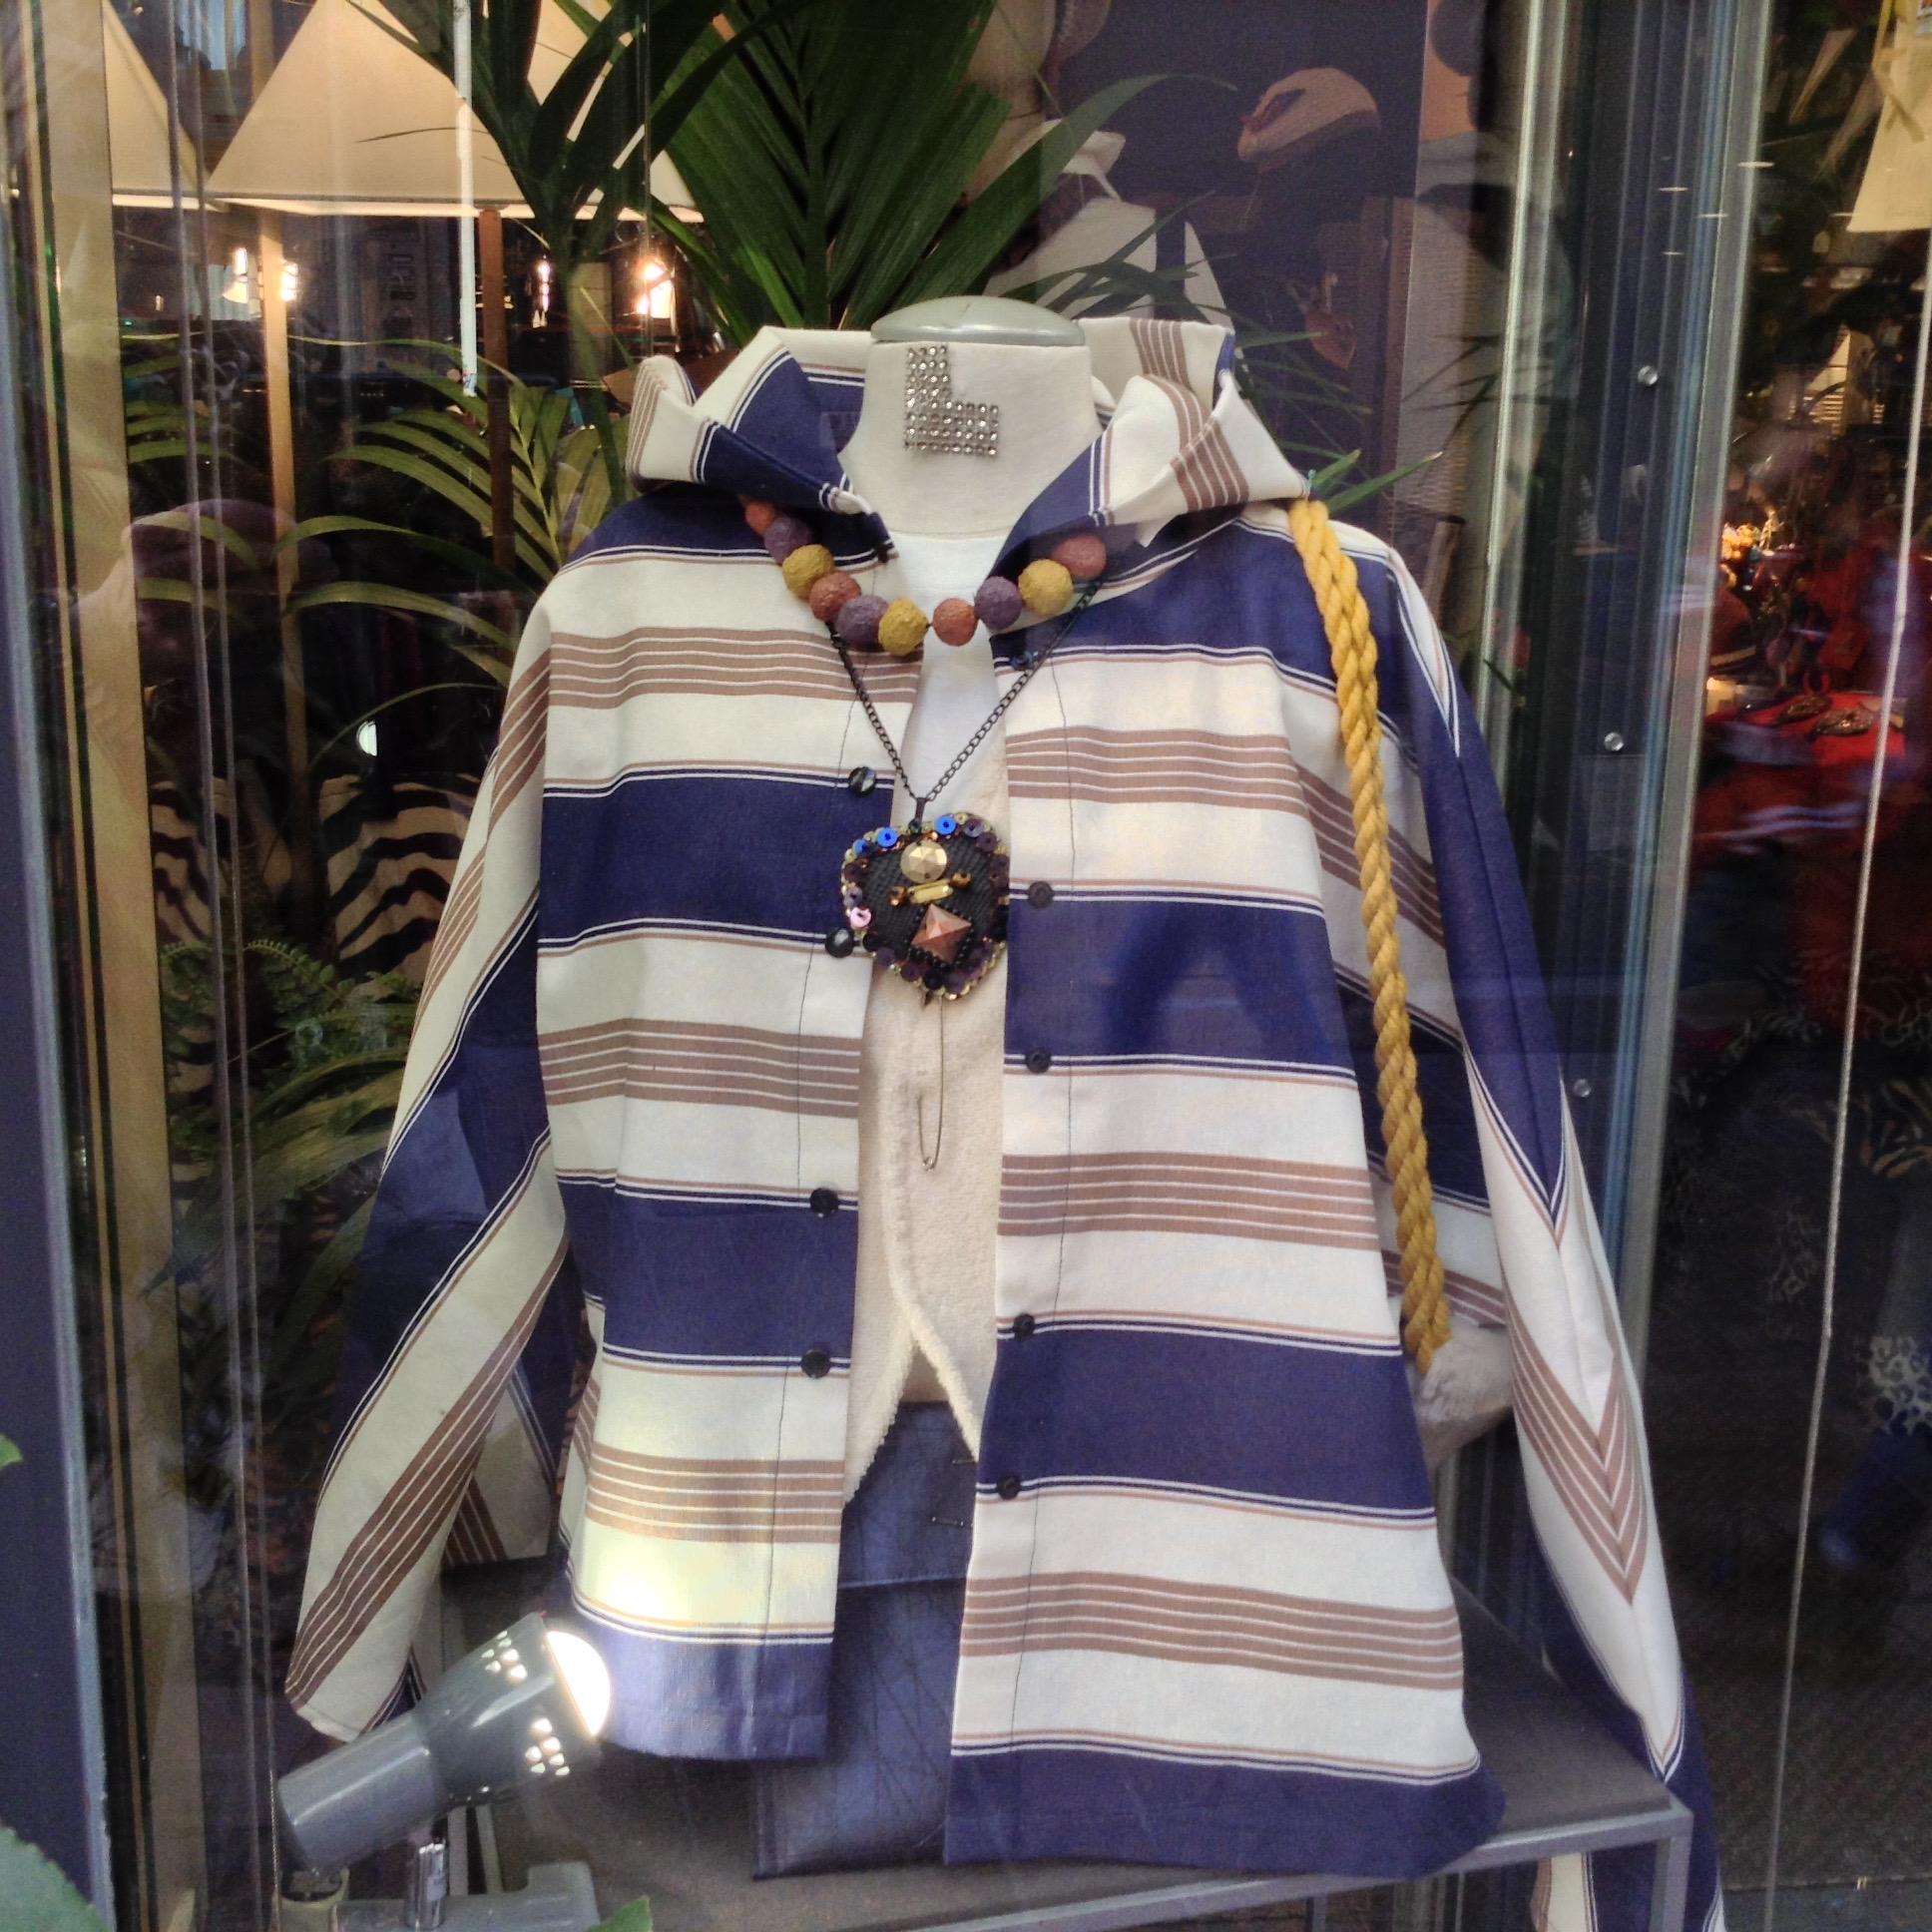 sur-Chemise à Capuche rayée Bleu marine & Beige